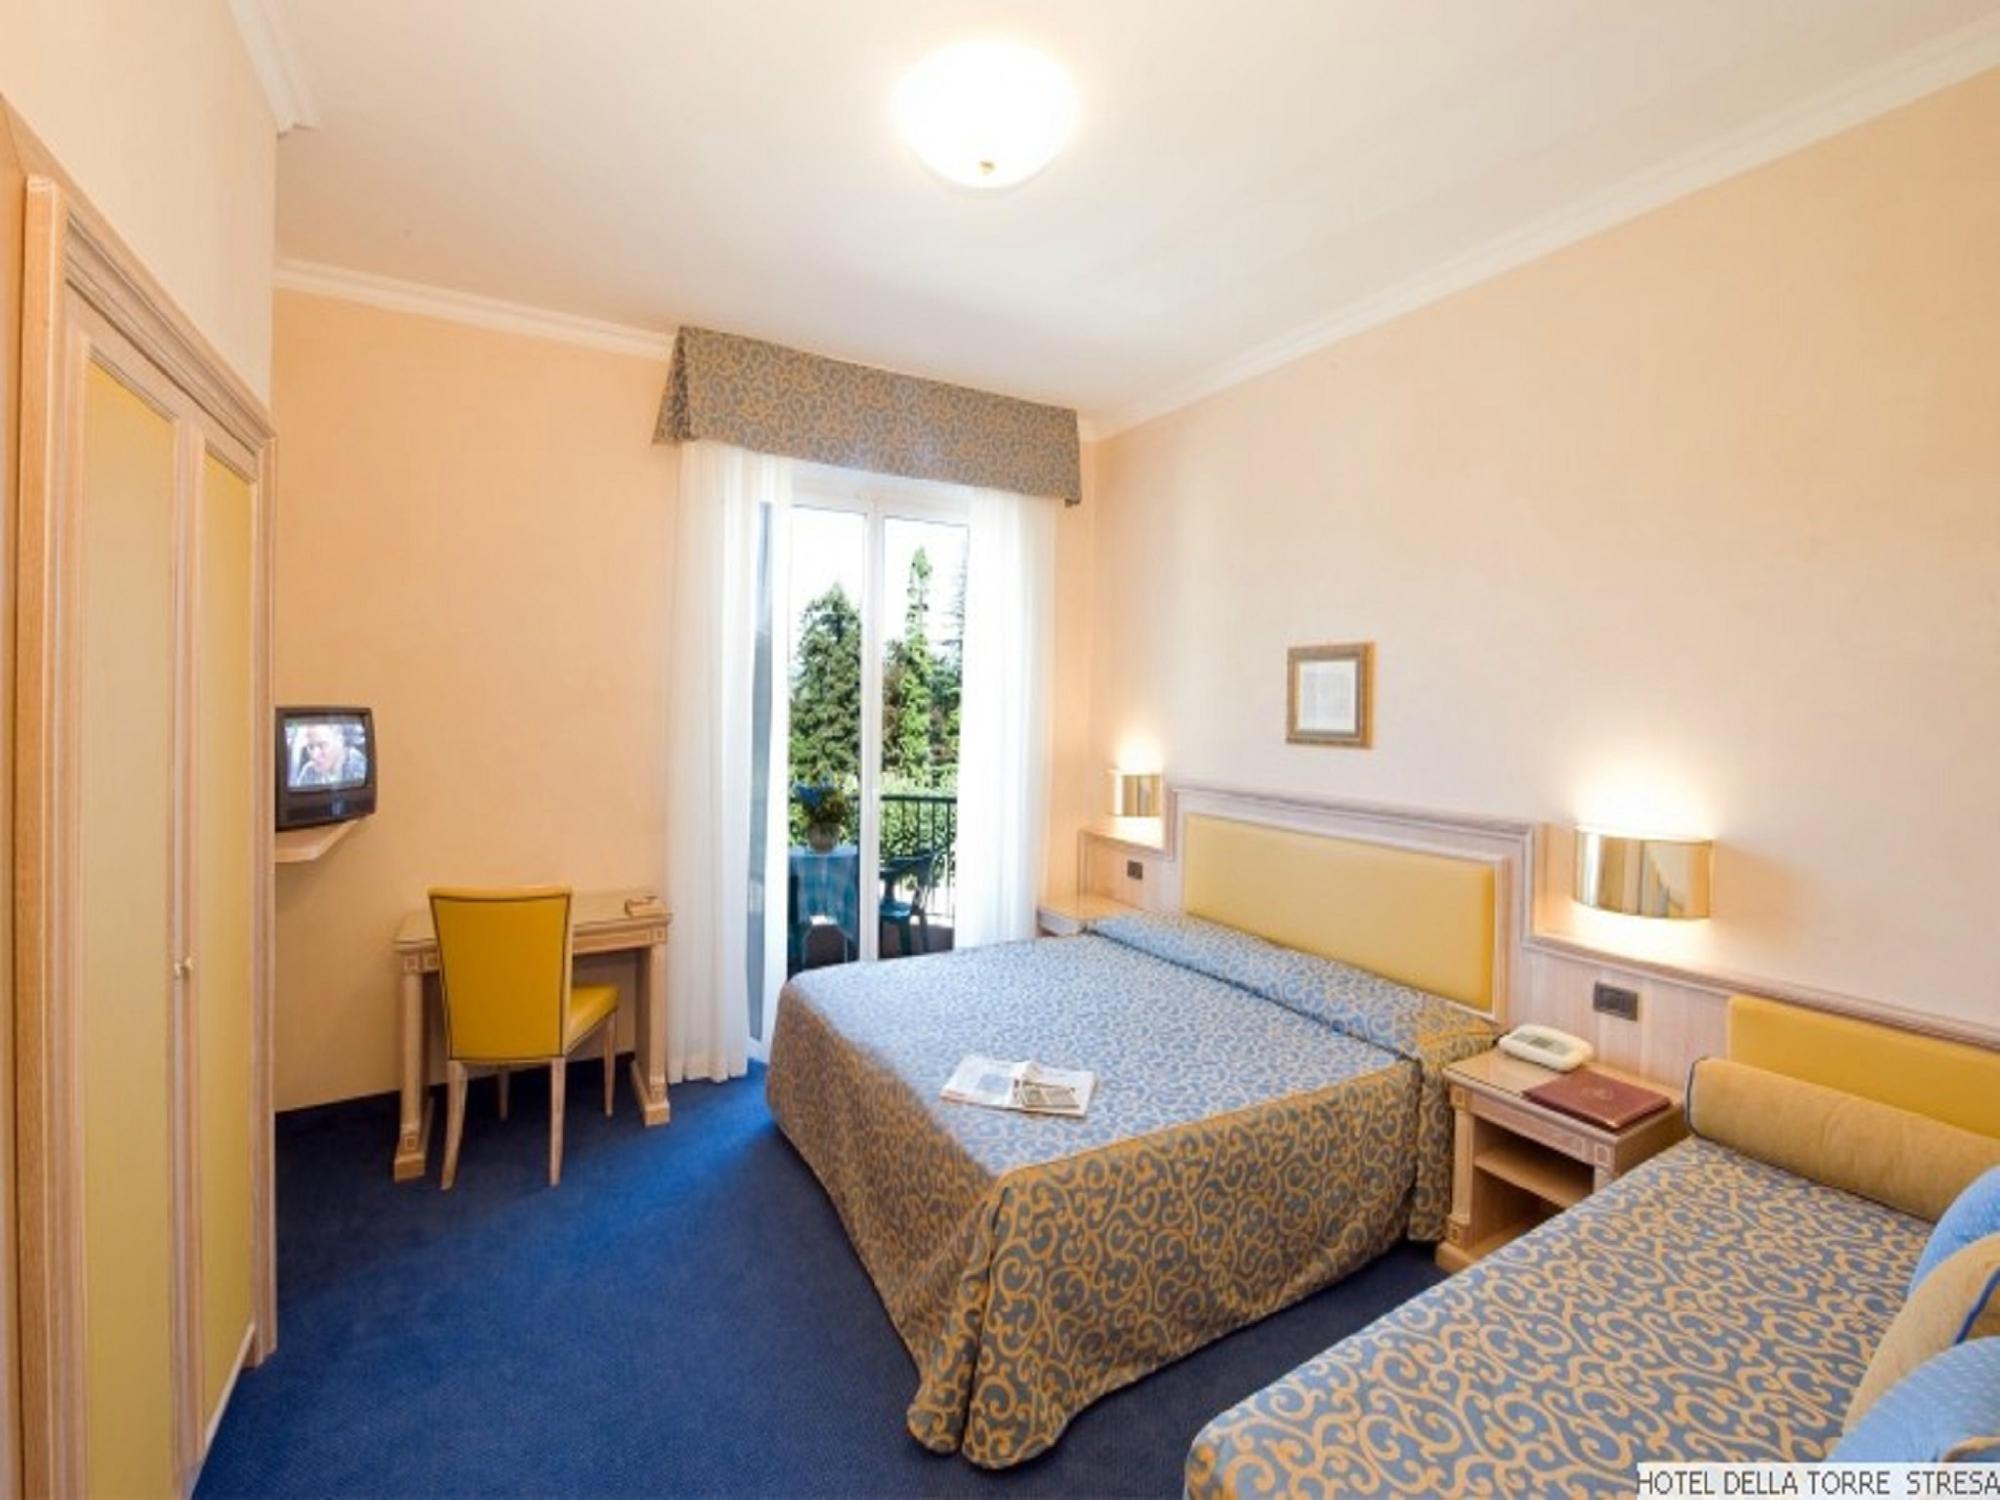 Hotel Della Torre